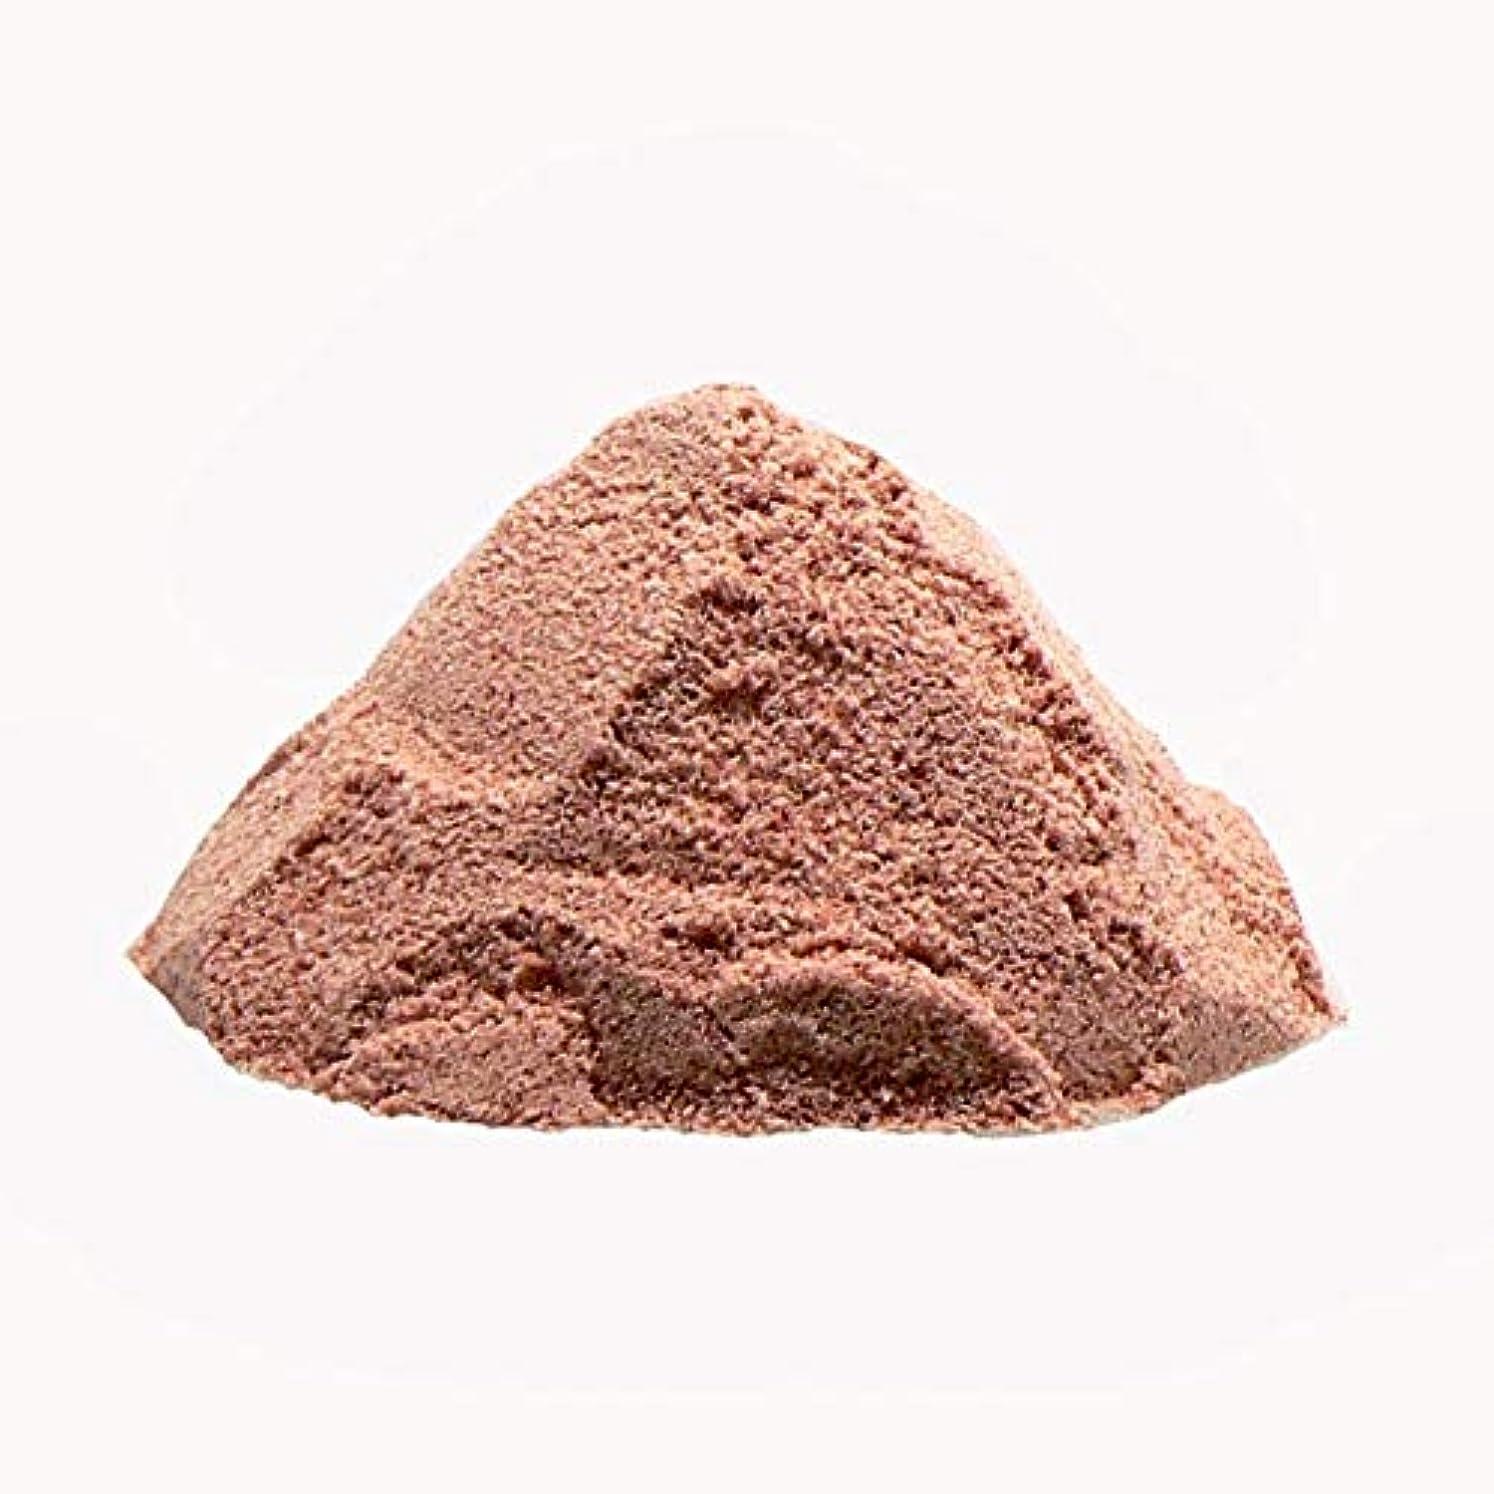 航空便フローセッションヒマラヤ岩塩 プレミアム ルビーソルト バスソルト(パウダー)ネパール産 ルビー岩塩 (600g×2個セット)